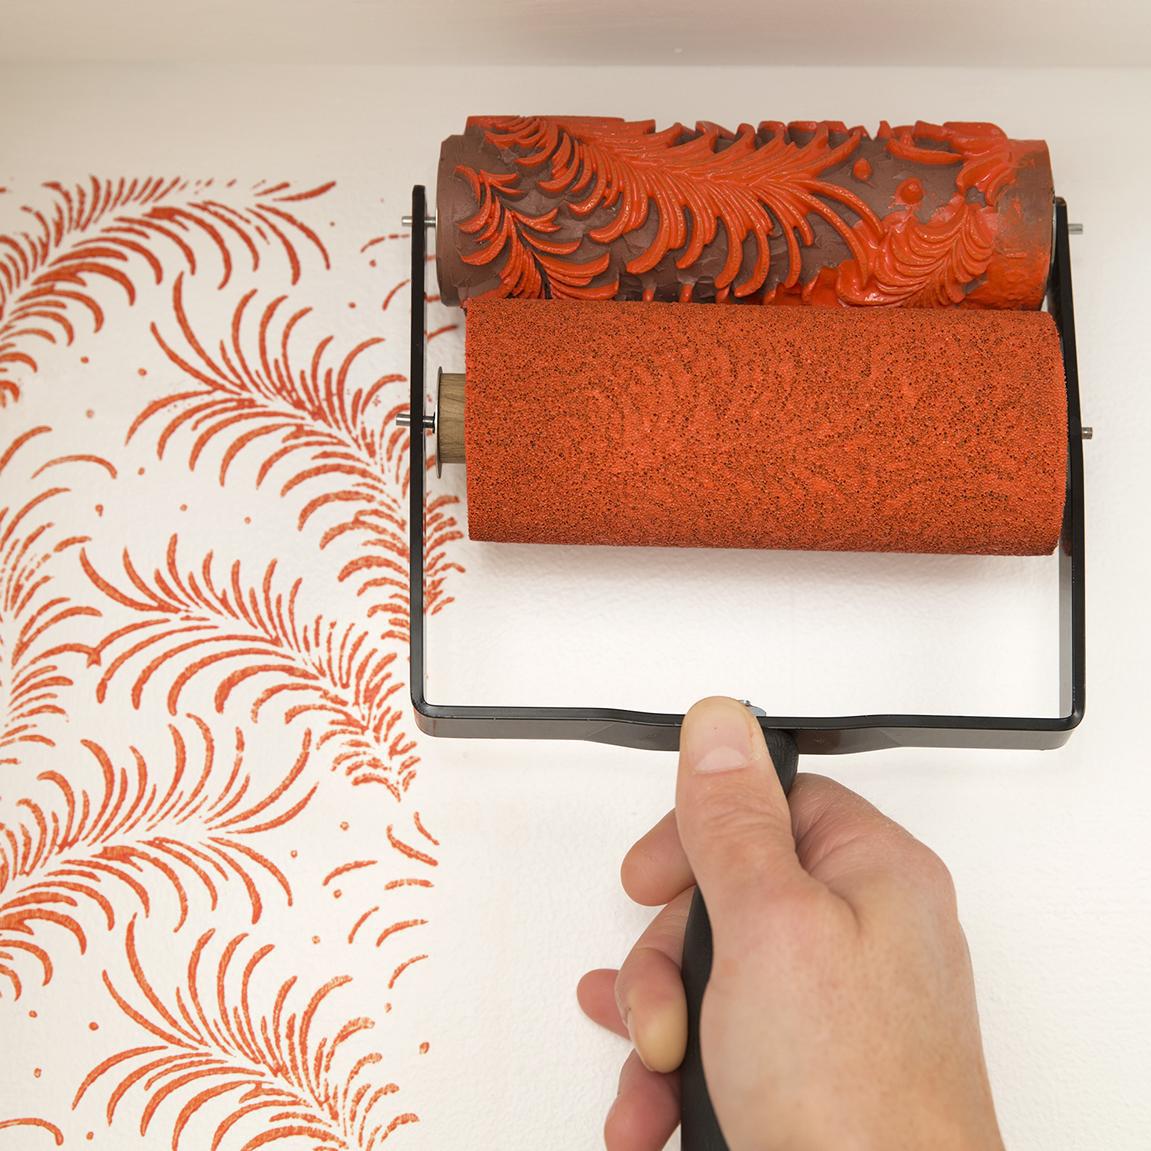 Как нанести рисунок на потолок своими руками